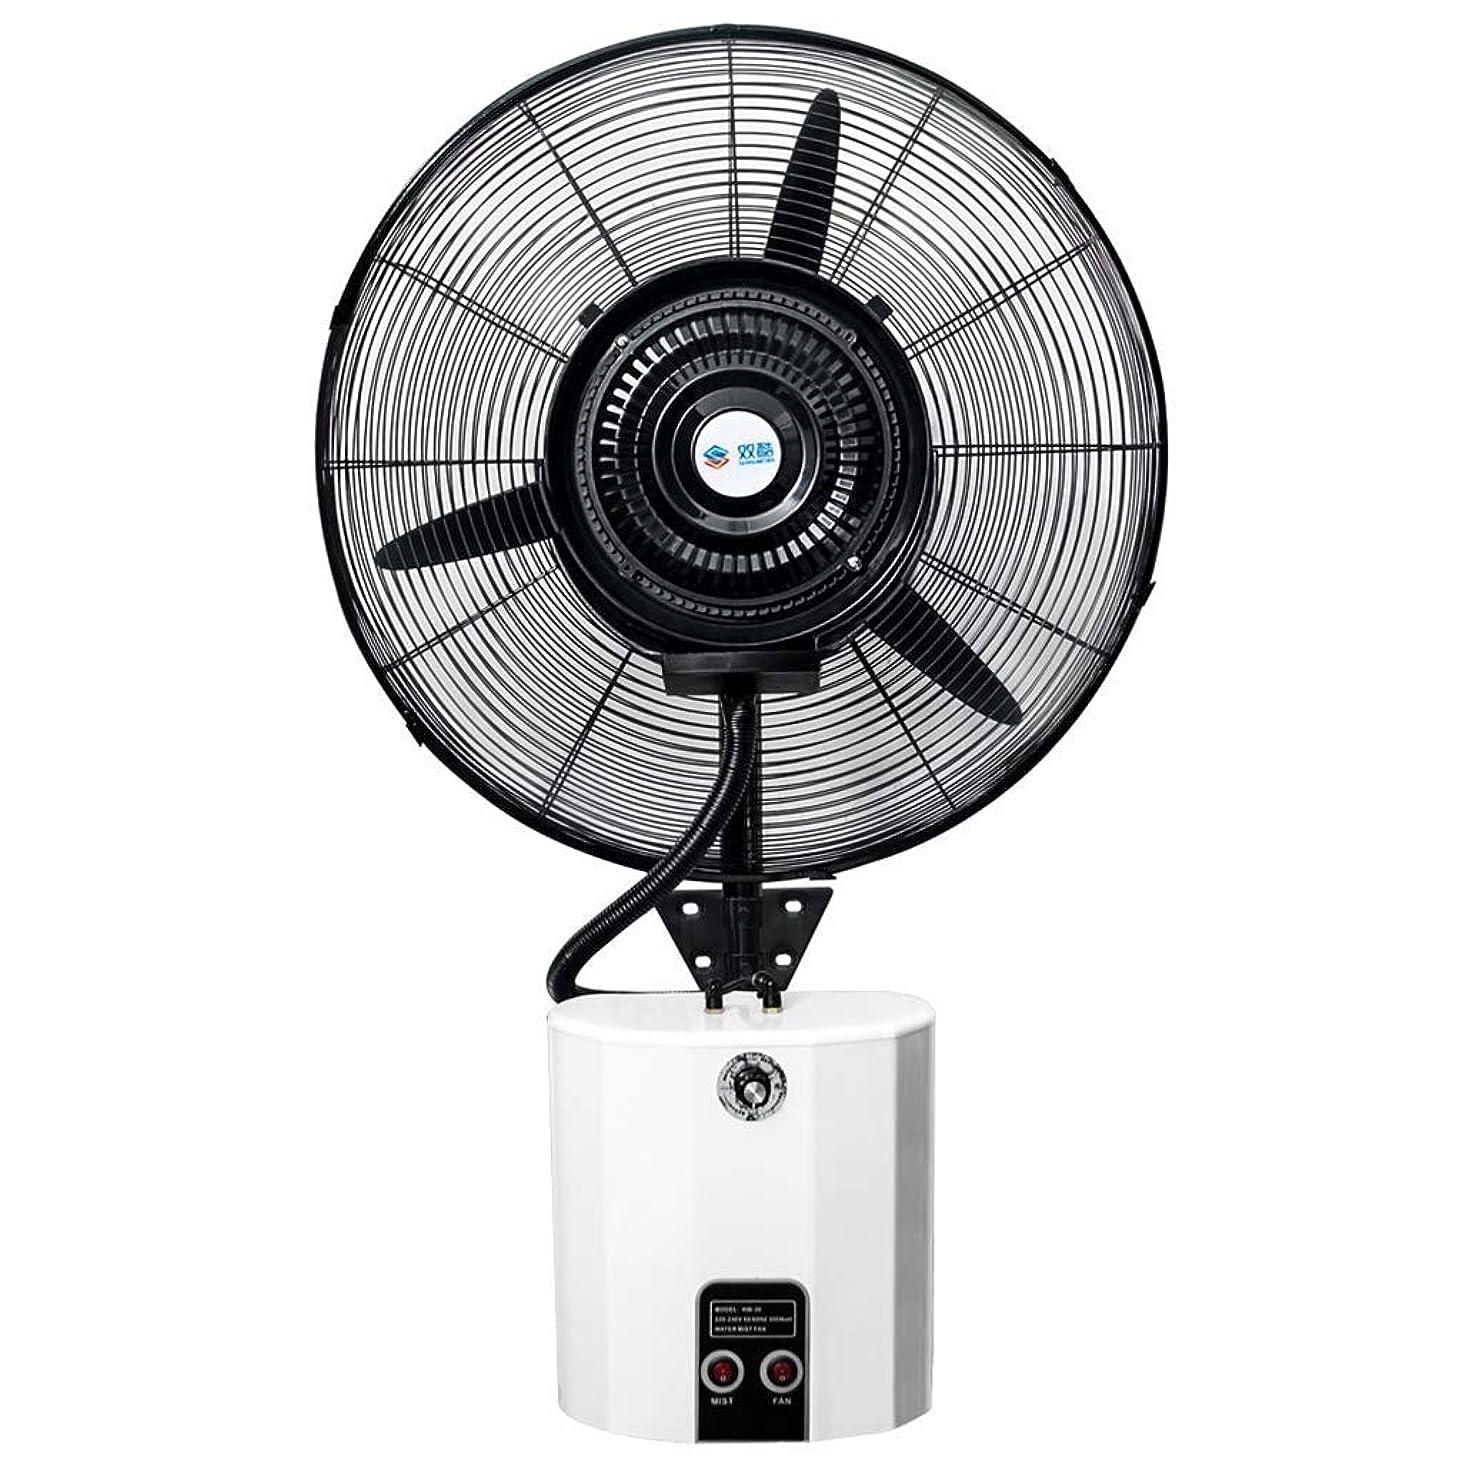 六成功したユダヤ人ラティス自立型ファンファン扇風機、振動、3スピード、彫刻付き;産業用、オープン、商業、住宅、温室用